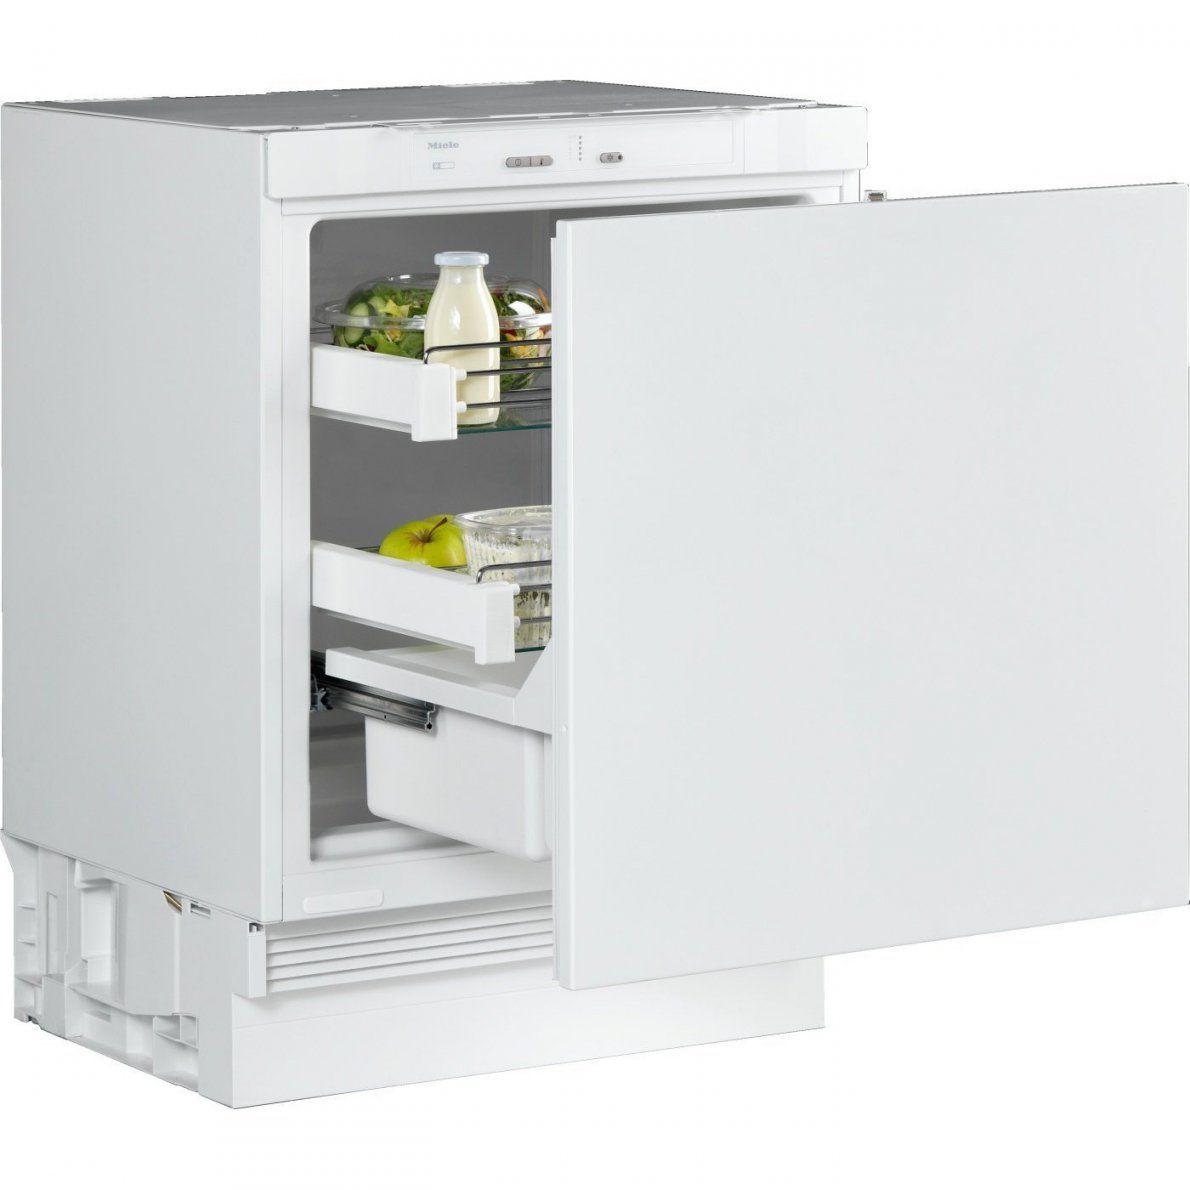 Schubladen Kühlschrank Test & Vergleich  Top 10 Im Juni 2018 von Billige Kühlschränke Mit Gefrierfach Photo